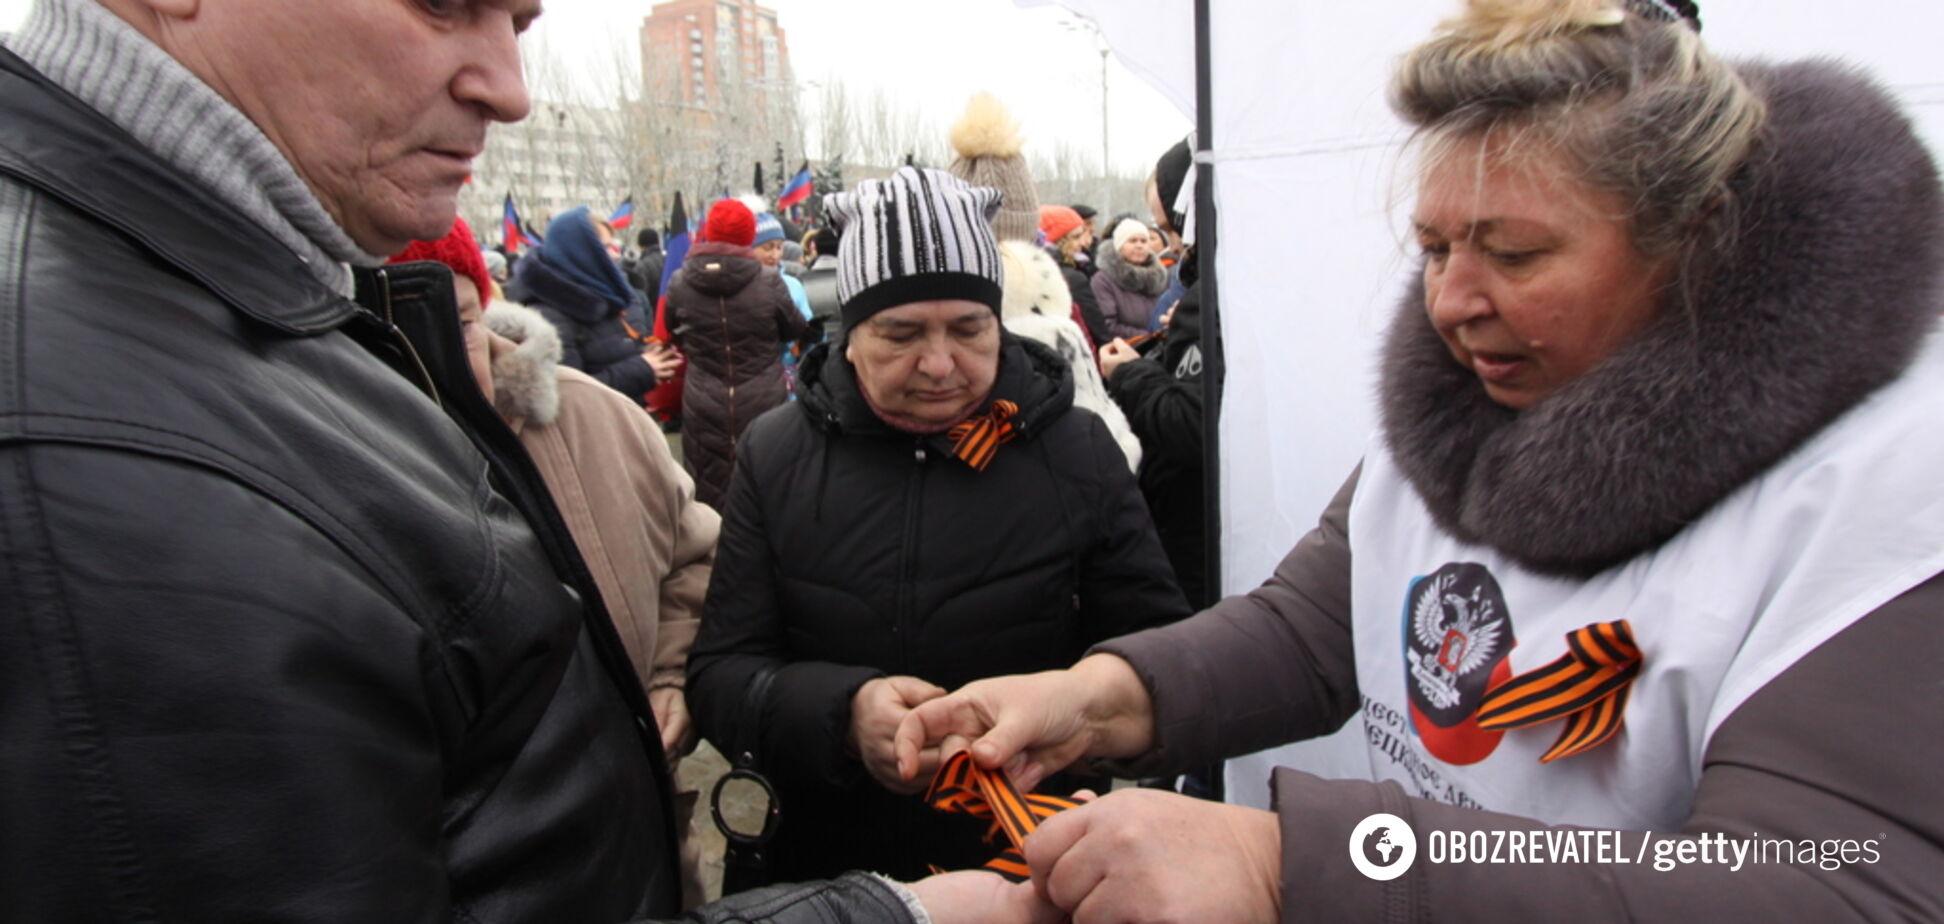 ''Н*гри з Тернополя ходять і підривають'': Донецьку напророкували нову серію терактів